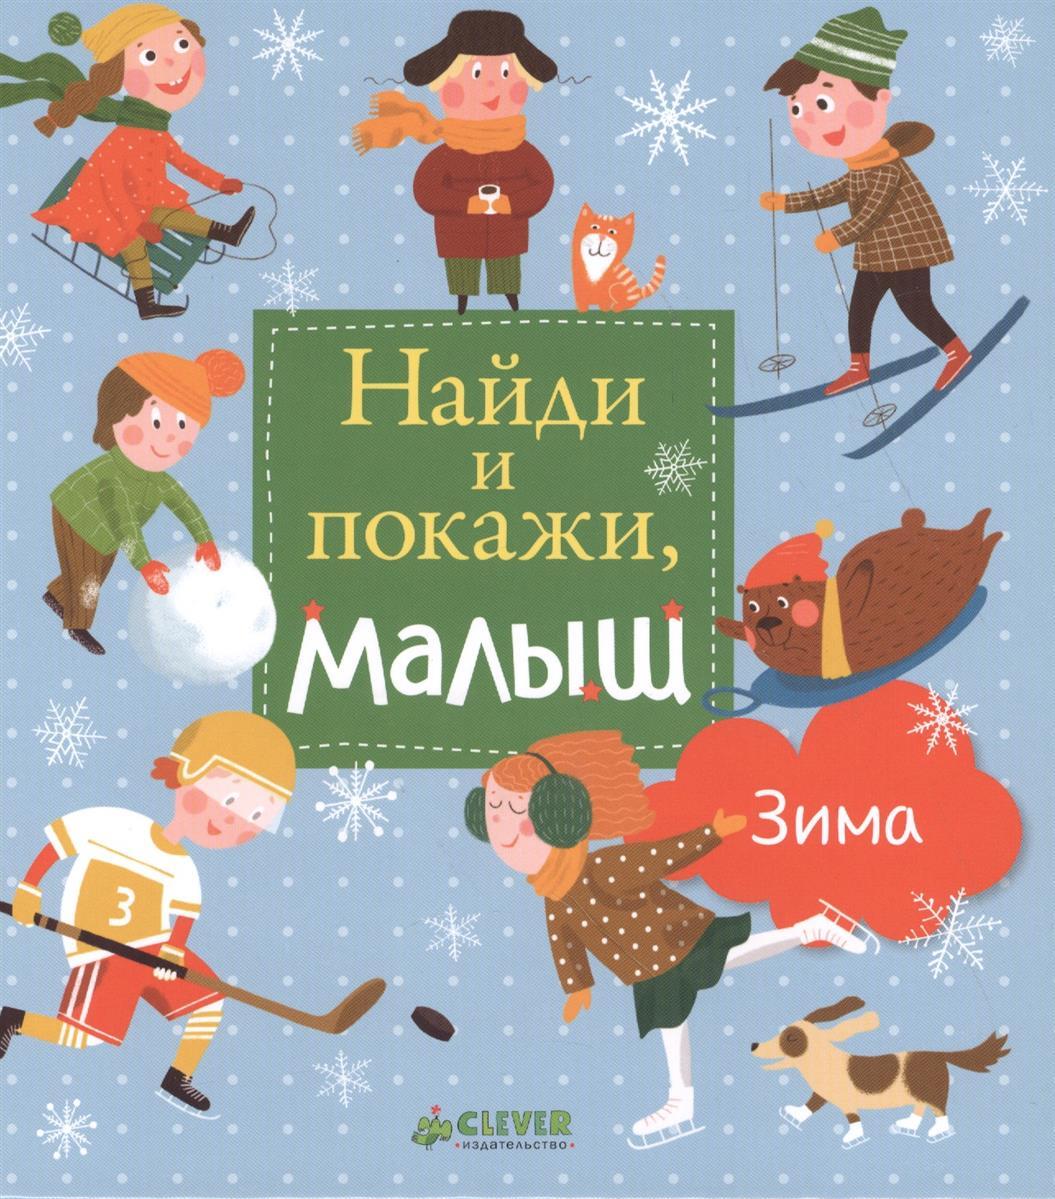 Шерстюк Н. (илл.) Найди и покажи, малыш. Зима ISBN: 9785001150817 герасименко а найди и покажи малыш в парке